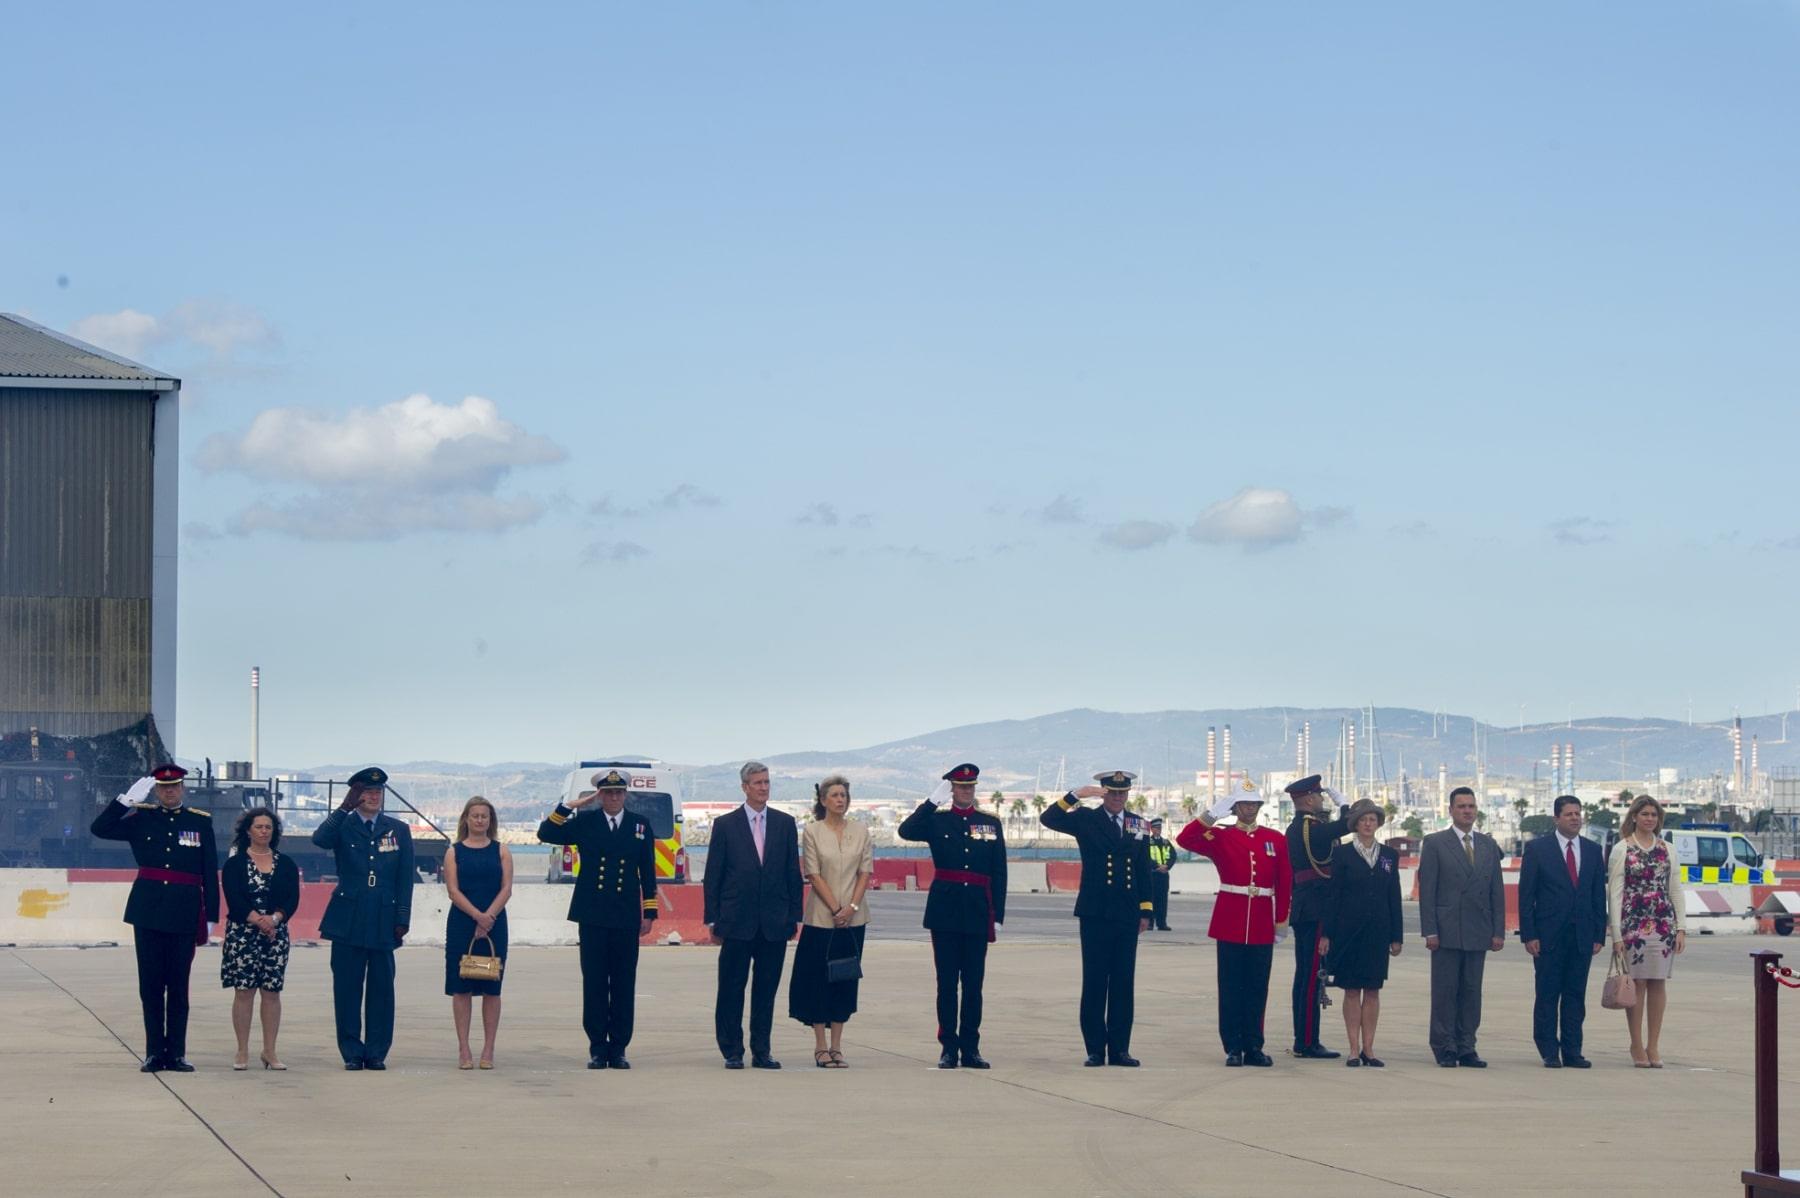 despedida-del-gobernador-de-gibraltar-13112013-marcos-moreno36_10967347543_o